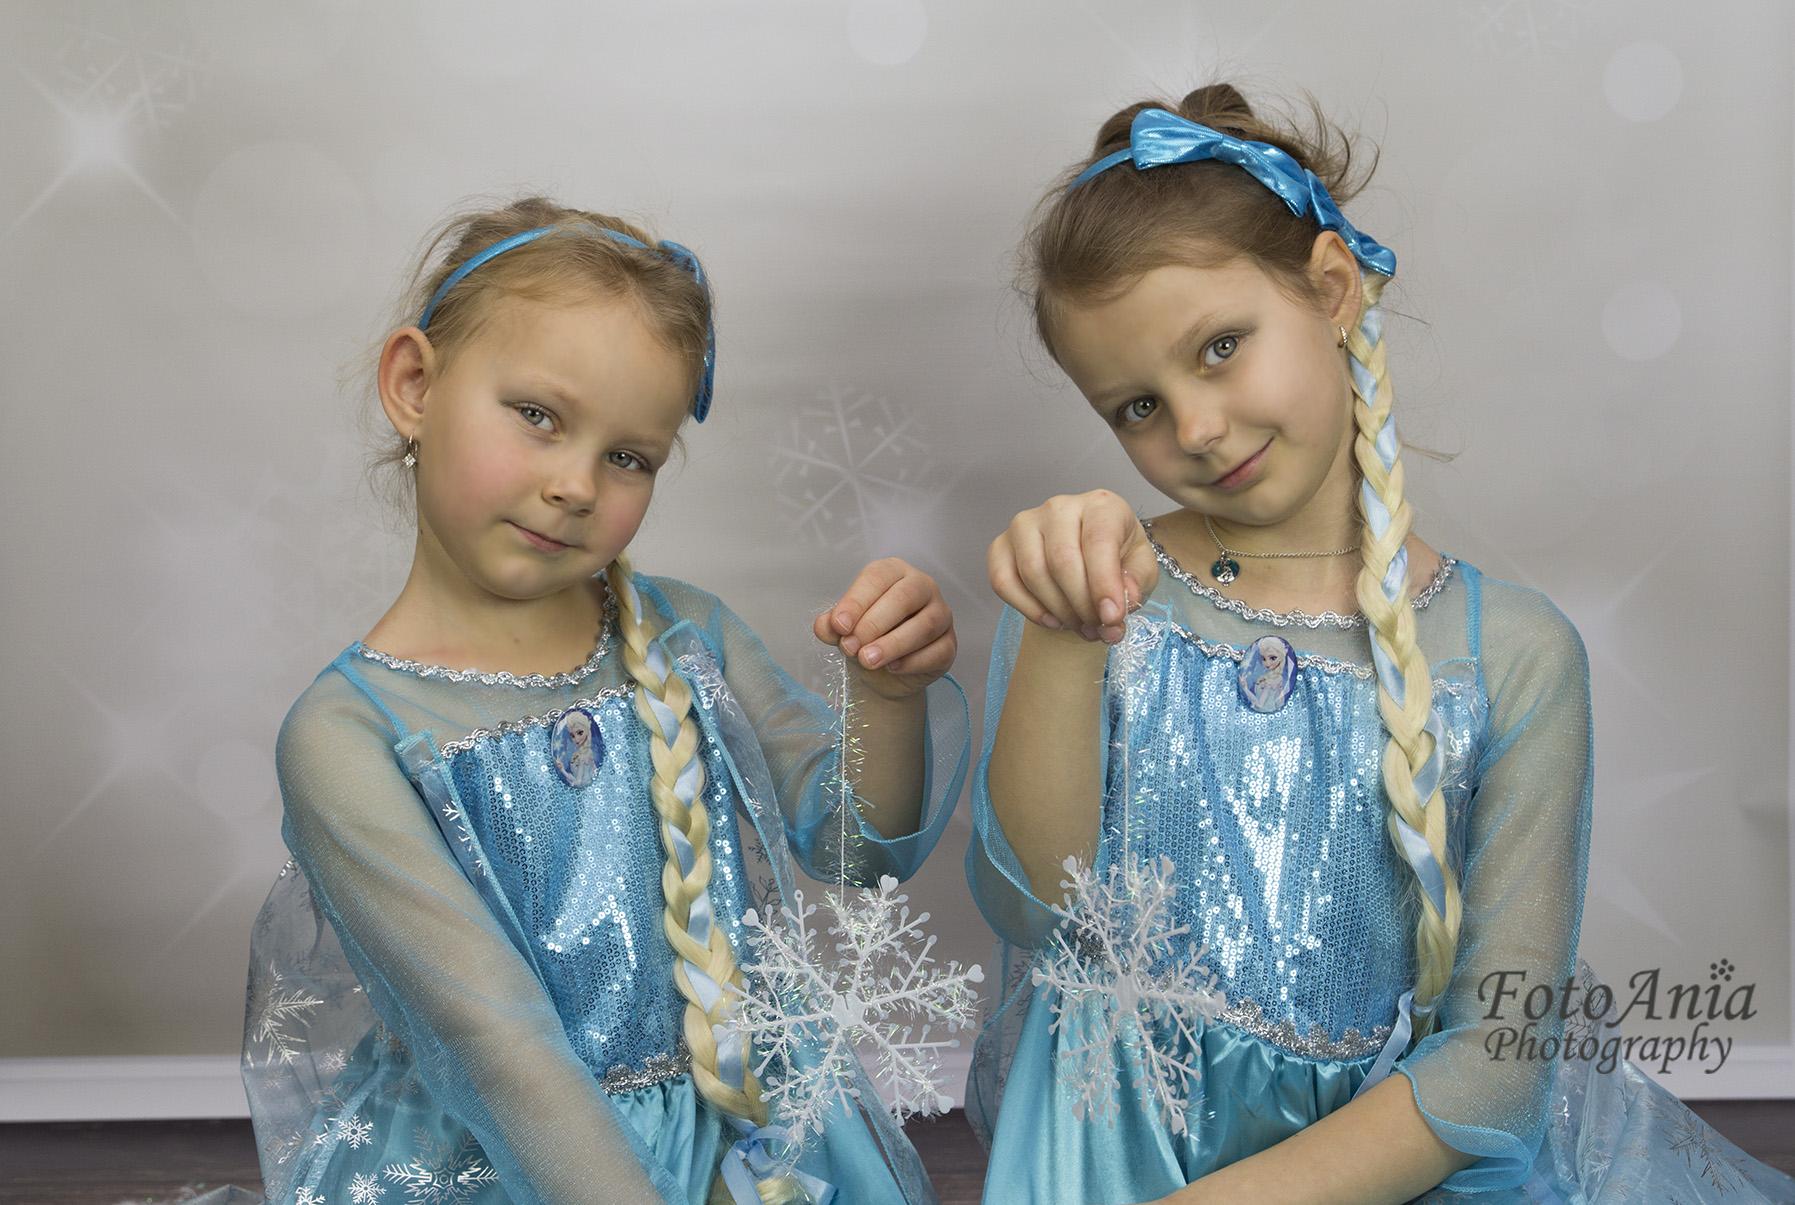 zdjecia-dzieci-2